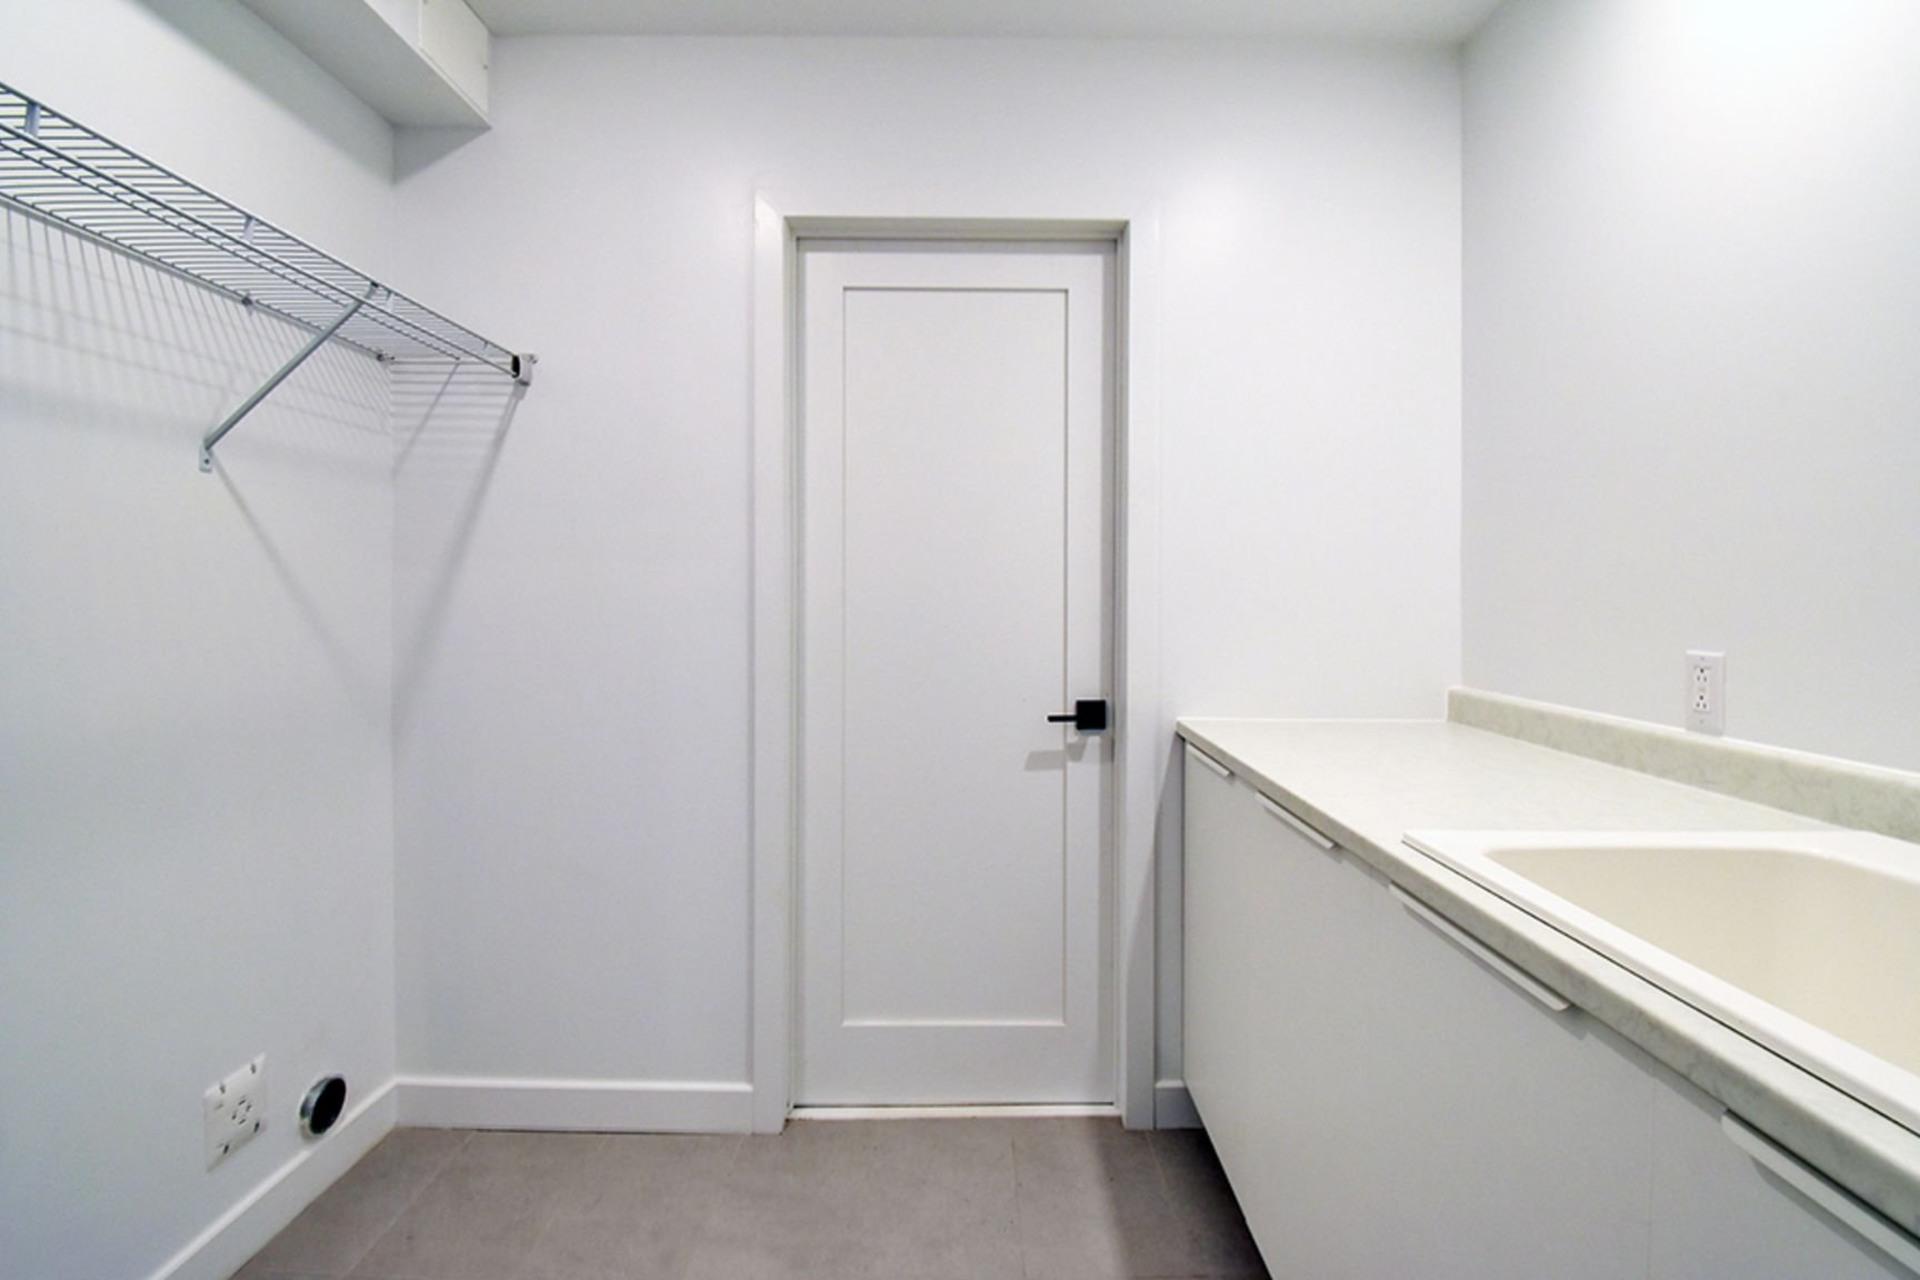 image 21 - Appartement À vendre Le Vieux-Longueuil Longueuil  - 9 pièces